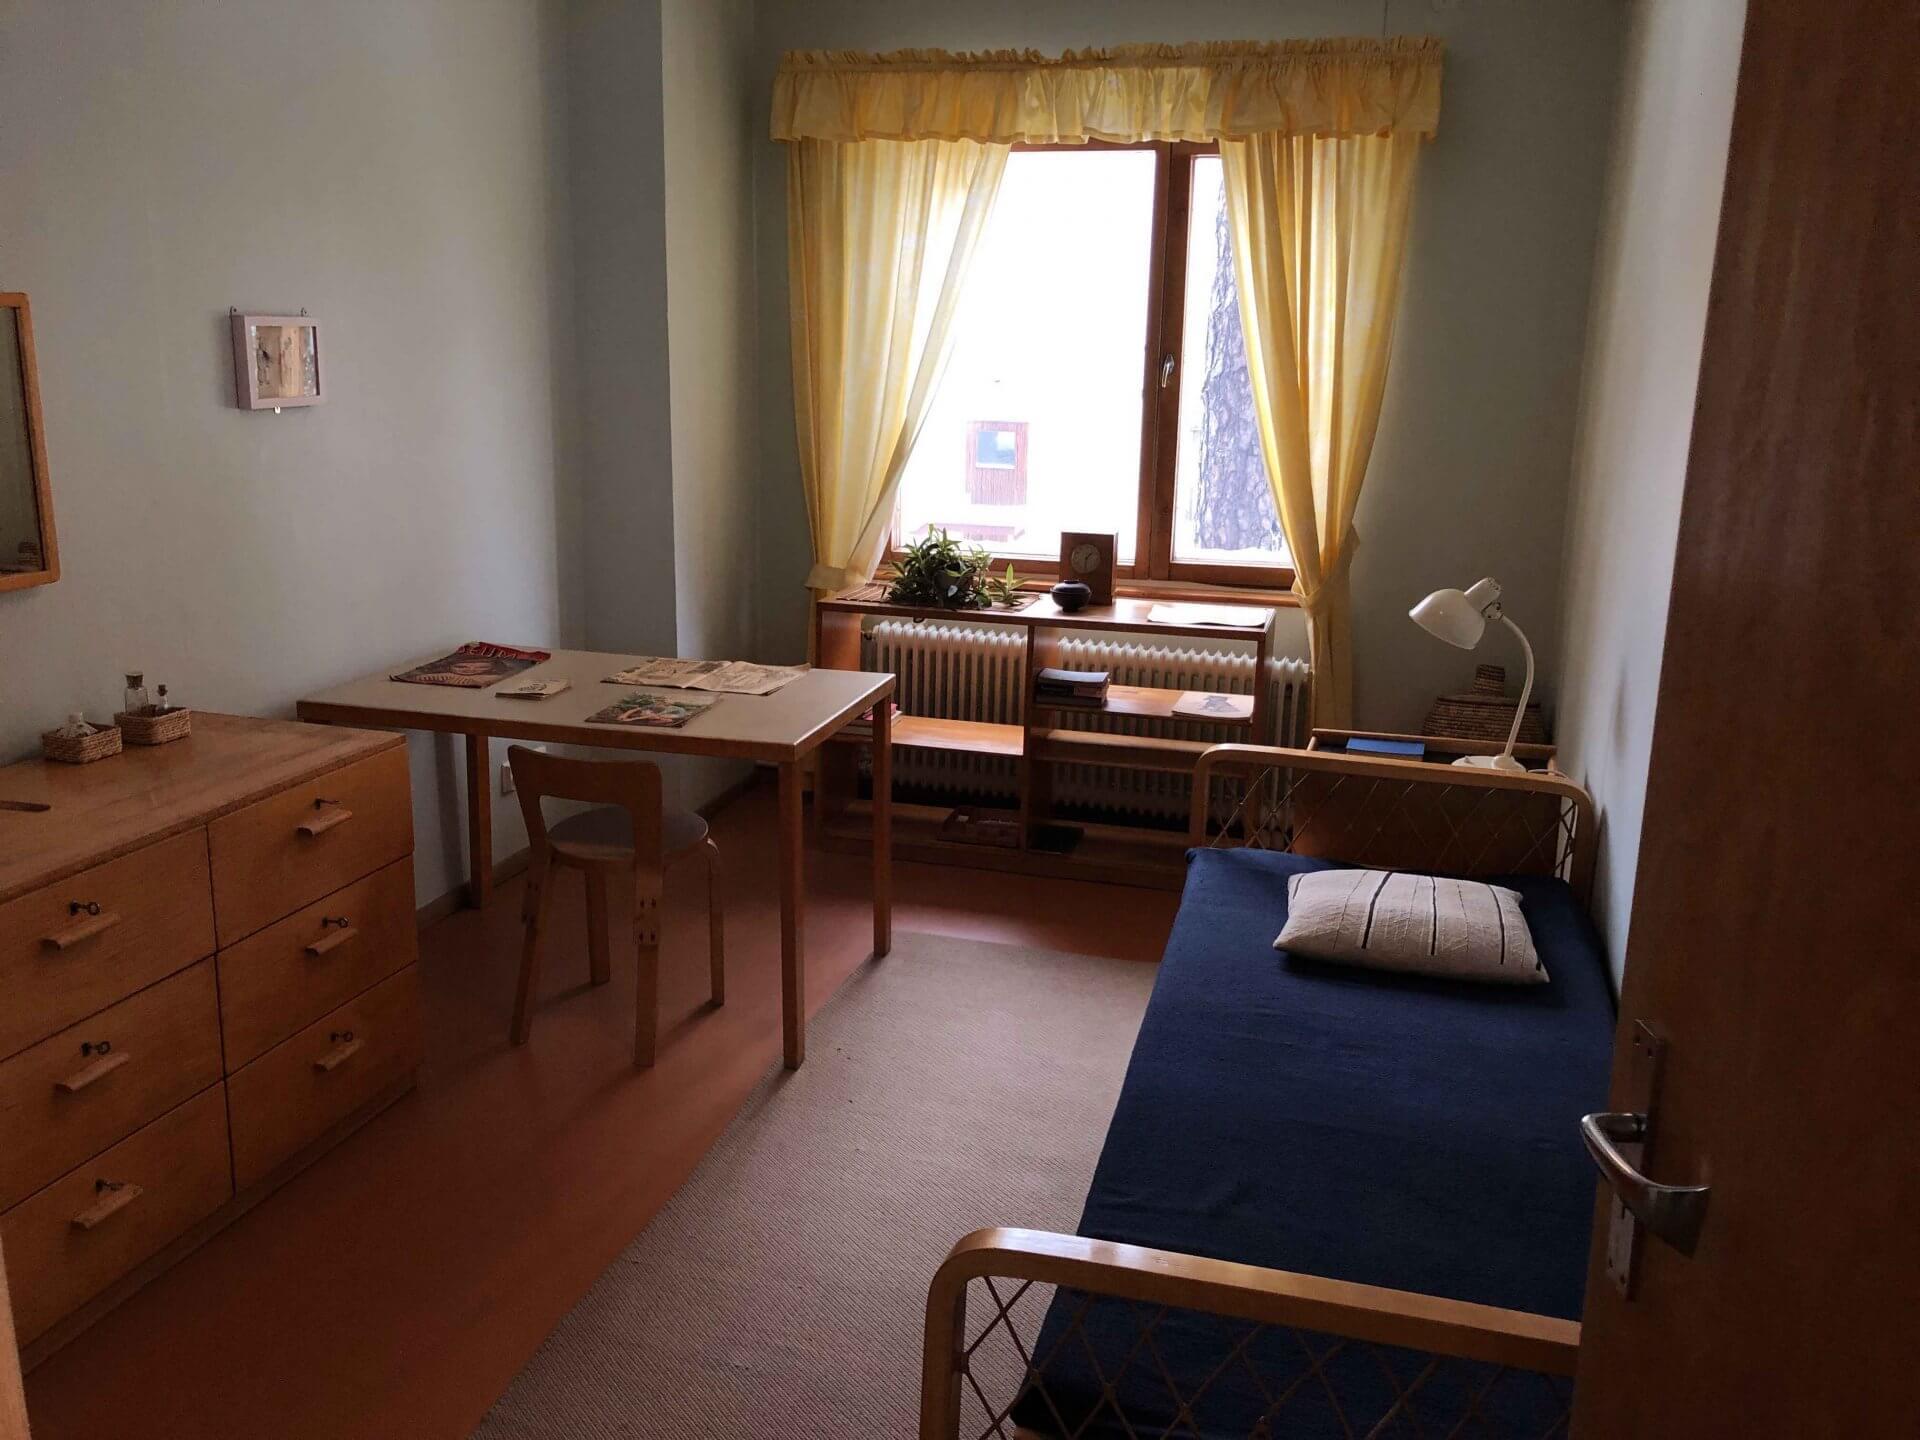 アアルト自邸2階の子供部屋(その2)